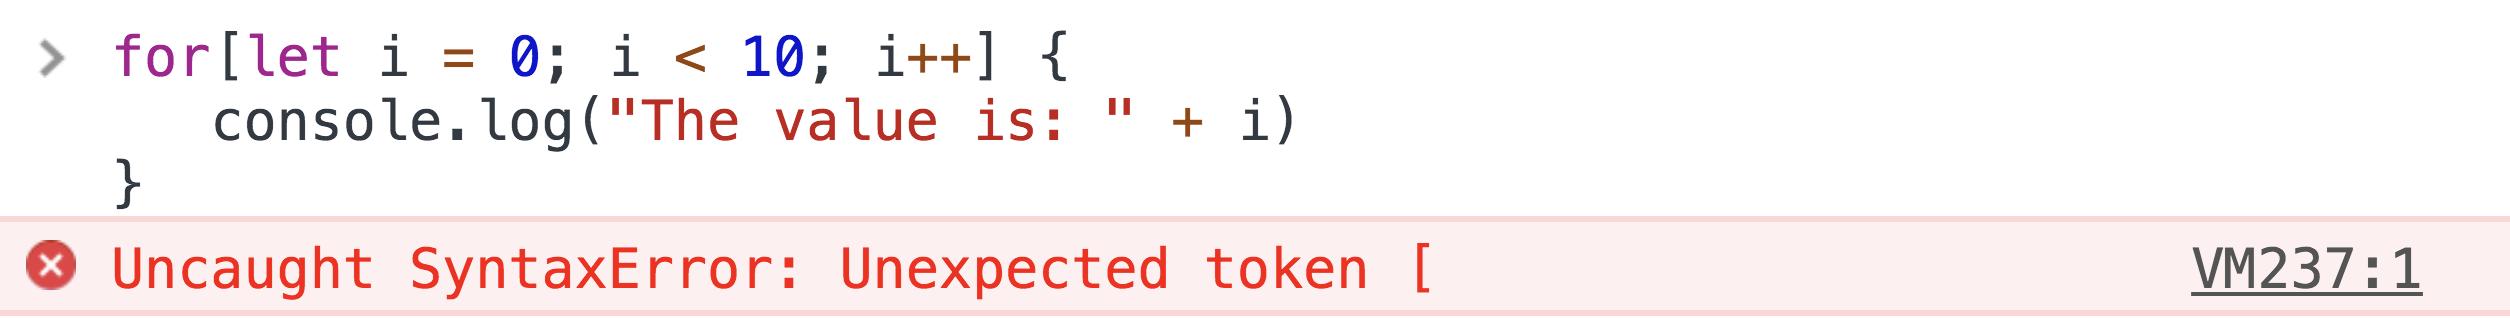 Uncaught Syntaxerror Unexpected Token Angular 4 Build